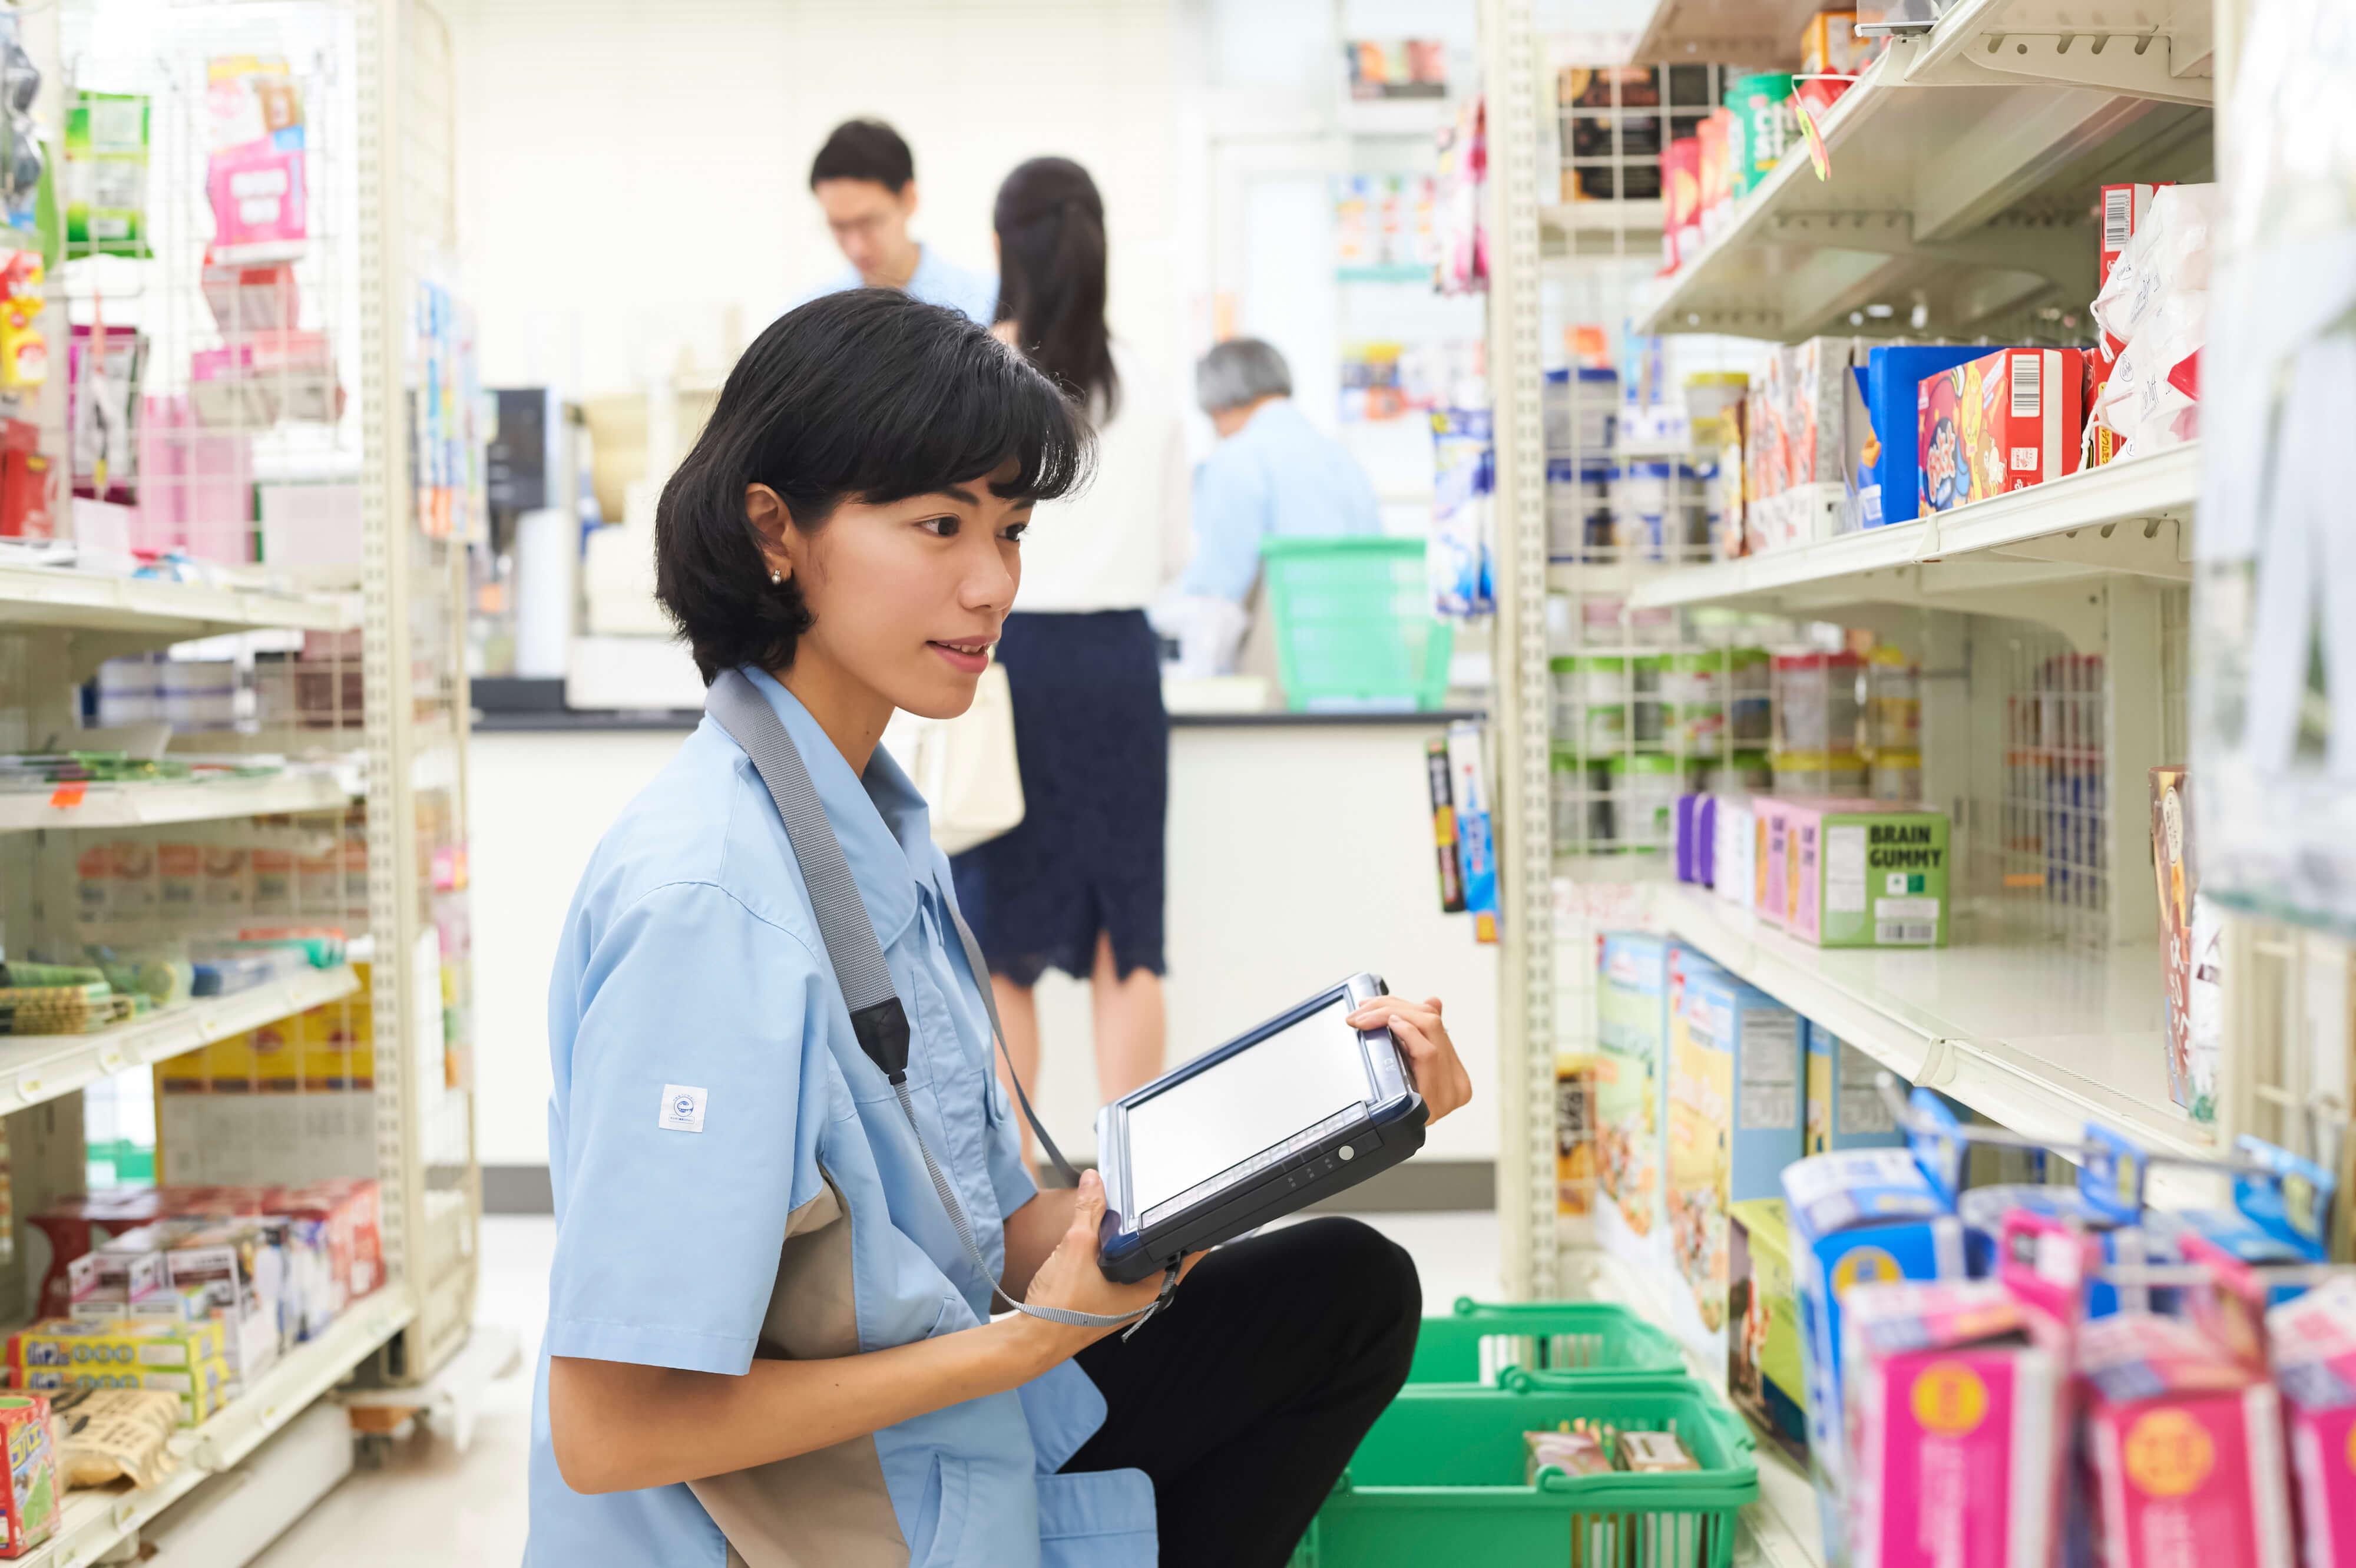 オーバーワークは双方罰則。外国人留学生の労働時間週28時間を守るには